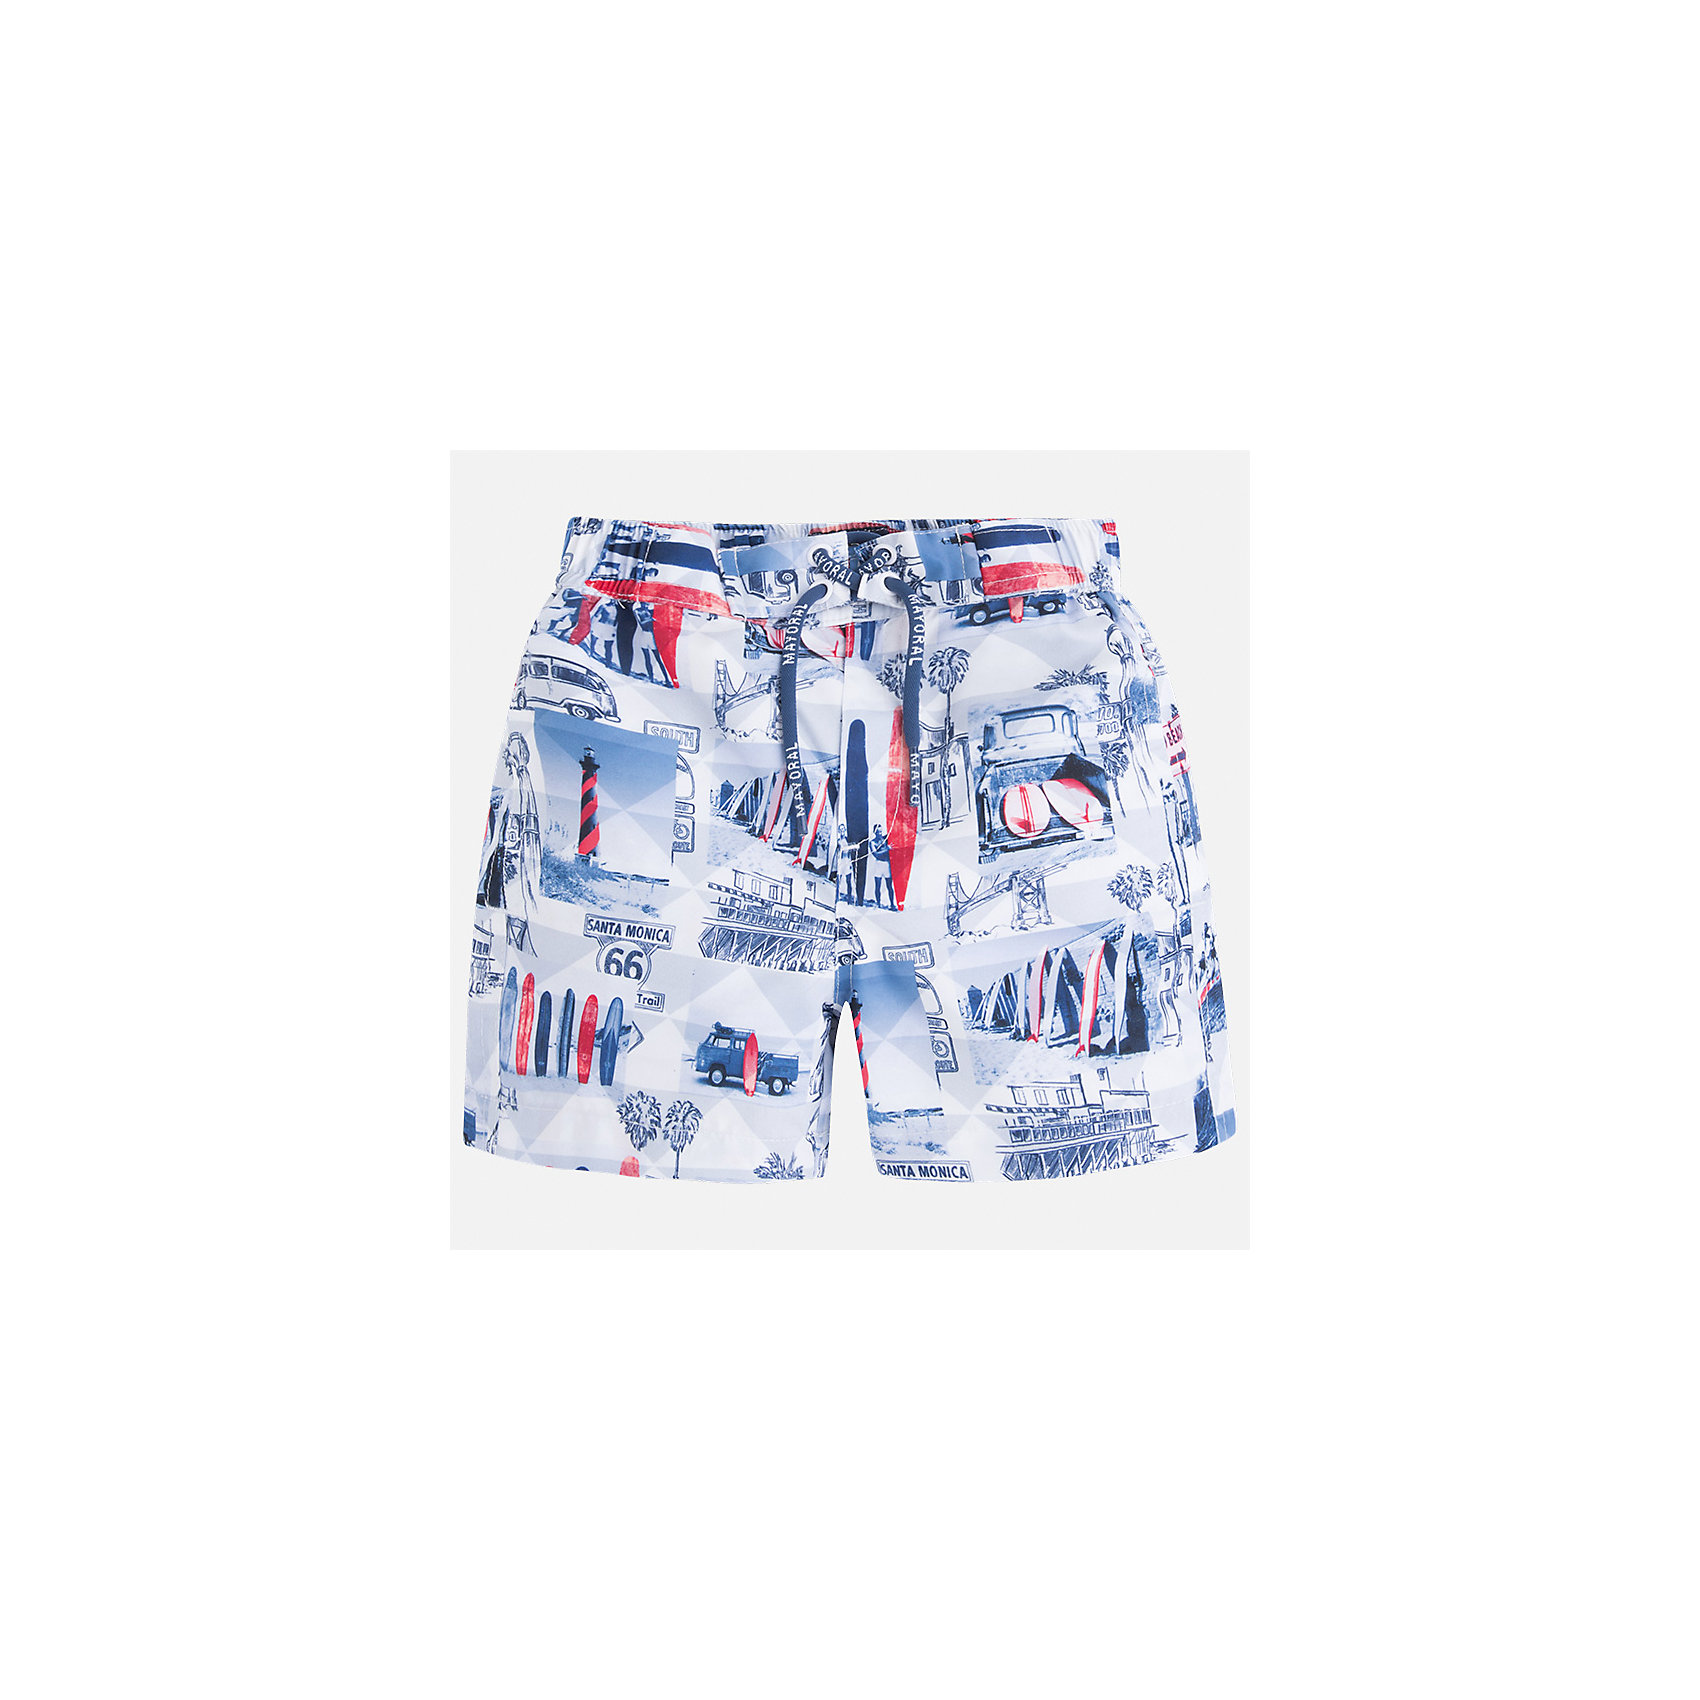 Шорты-плавки для мальчика MayoralКупальники и плавки<br>Характеристики товара:<br><br>• цвет: мультиколор<br>• состав: 100% полиэстер, подкладка - 100% полиэстер<br>• принт на ткани<br>• пояс со шнурком<br>• с подкладкой<br>• быстросохнущий материал<br>• страна бренда: Испания<br><br>Одежда для купания должна быть удобной! Эти плавательные шорты для мальчика не только хорошо сидят на ребенке, не стесняя движения и не натирая, они отлично смотрятся! Сшиты они из плотной ткани, но она очень быстро высыхает. Интересная расцветка модели делает её нарядной и оригинальной. <br><br>Одежда, обувь и аксессуары от испанского бренда Mayoral полюбились детям и взрослым по всему миру. Модели этой марки - стильные и удобные. Для их производства используются только безопасные, качественные материалы и фурнитура. Порадуйте ребенка модными и красивыми вещами от Mayoral! <br><br>Плавки для мальчика от испанского бренда Mayoral (Майорал) можно купить в нашем интернет-магазине.<br><br>Ширина мм: 183<br>Глубина мм: 60<br>Высота мм: 135<br>Вес г: 119<br>Цвет: разноцветный<br>Возраст от месяцев: 18<br>Возраст до месяцев: 24<br>Пол: Мужской<br>Возраст: Детский<br>Размер: 92,98,134,128,122,116,110,104<br>SKU: 5281117